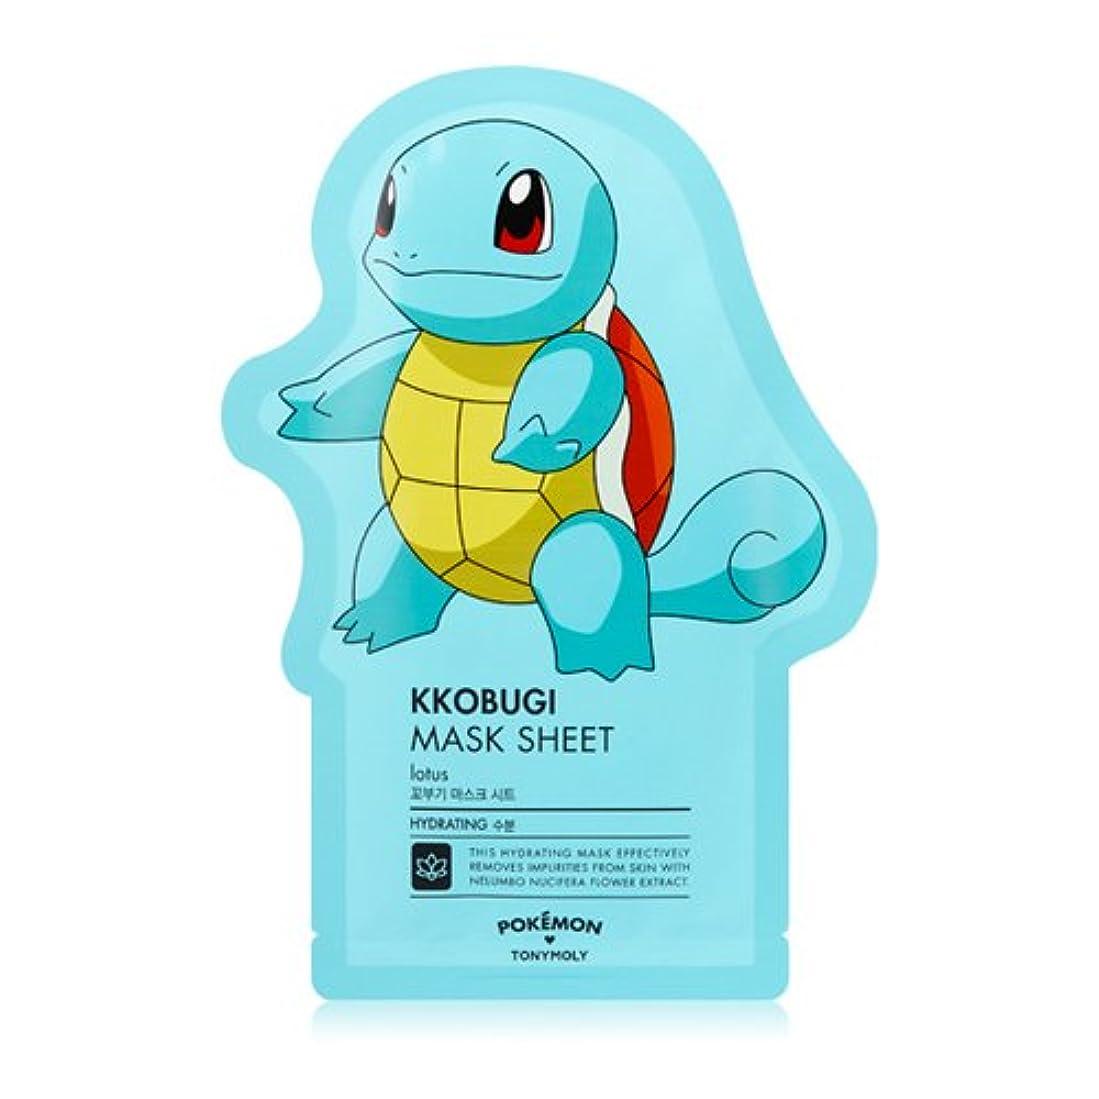 クリーナー不完全メイエラ(3 Pack) TONYMOLY x Pokemon Squirtle/Kkobugi Mask Sheet (並行輸入品)